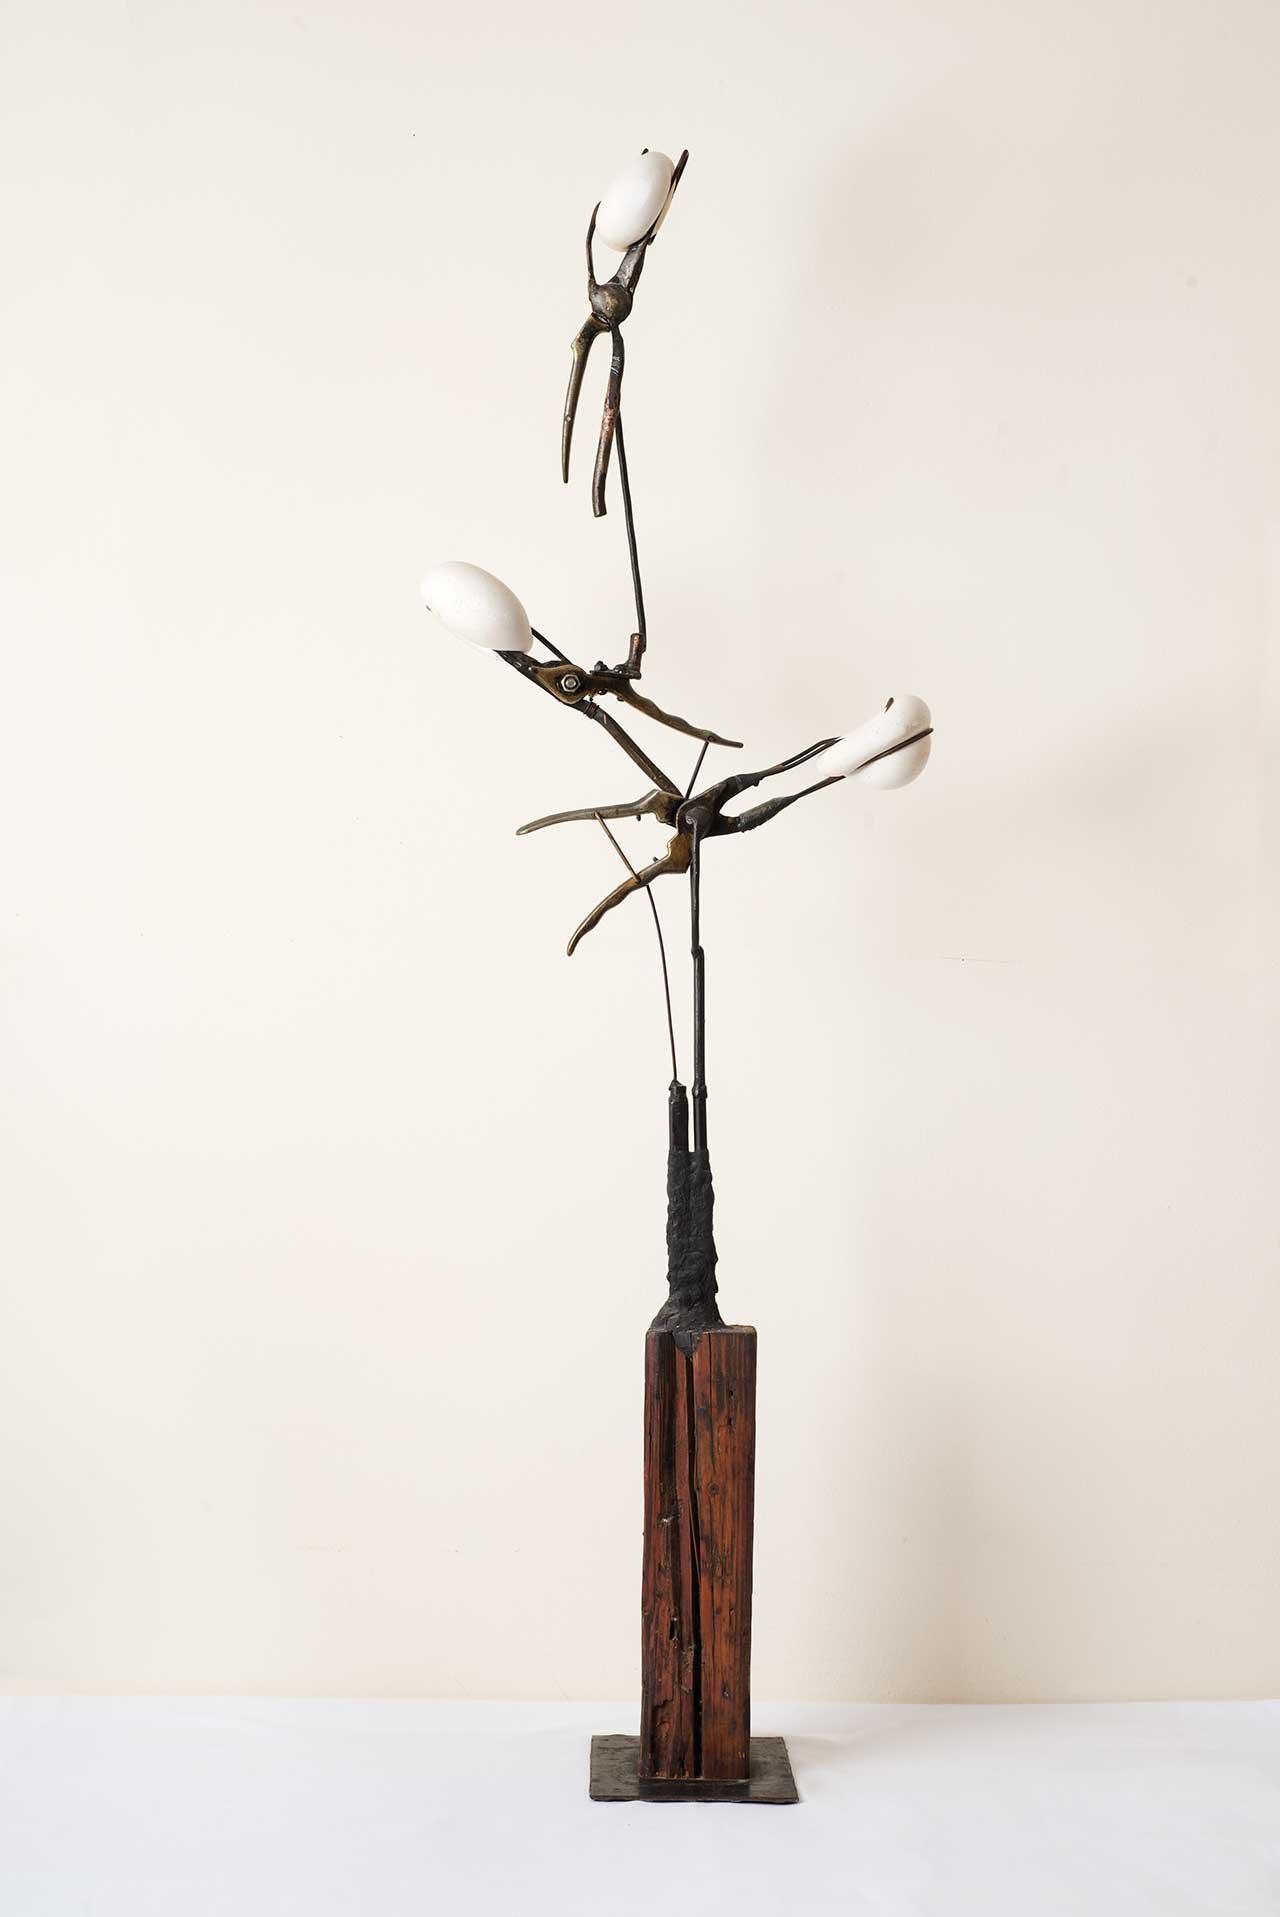 Άτιτλο, 2008, ξύλο, μέταλλο, γύψος, ύψος 120 εκ.